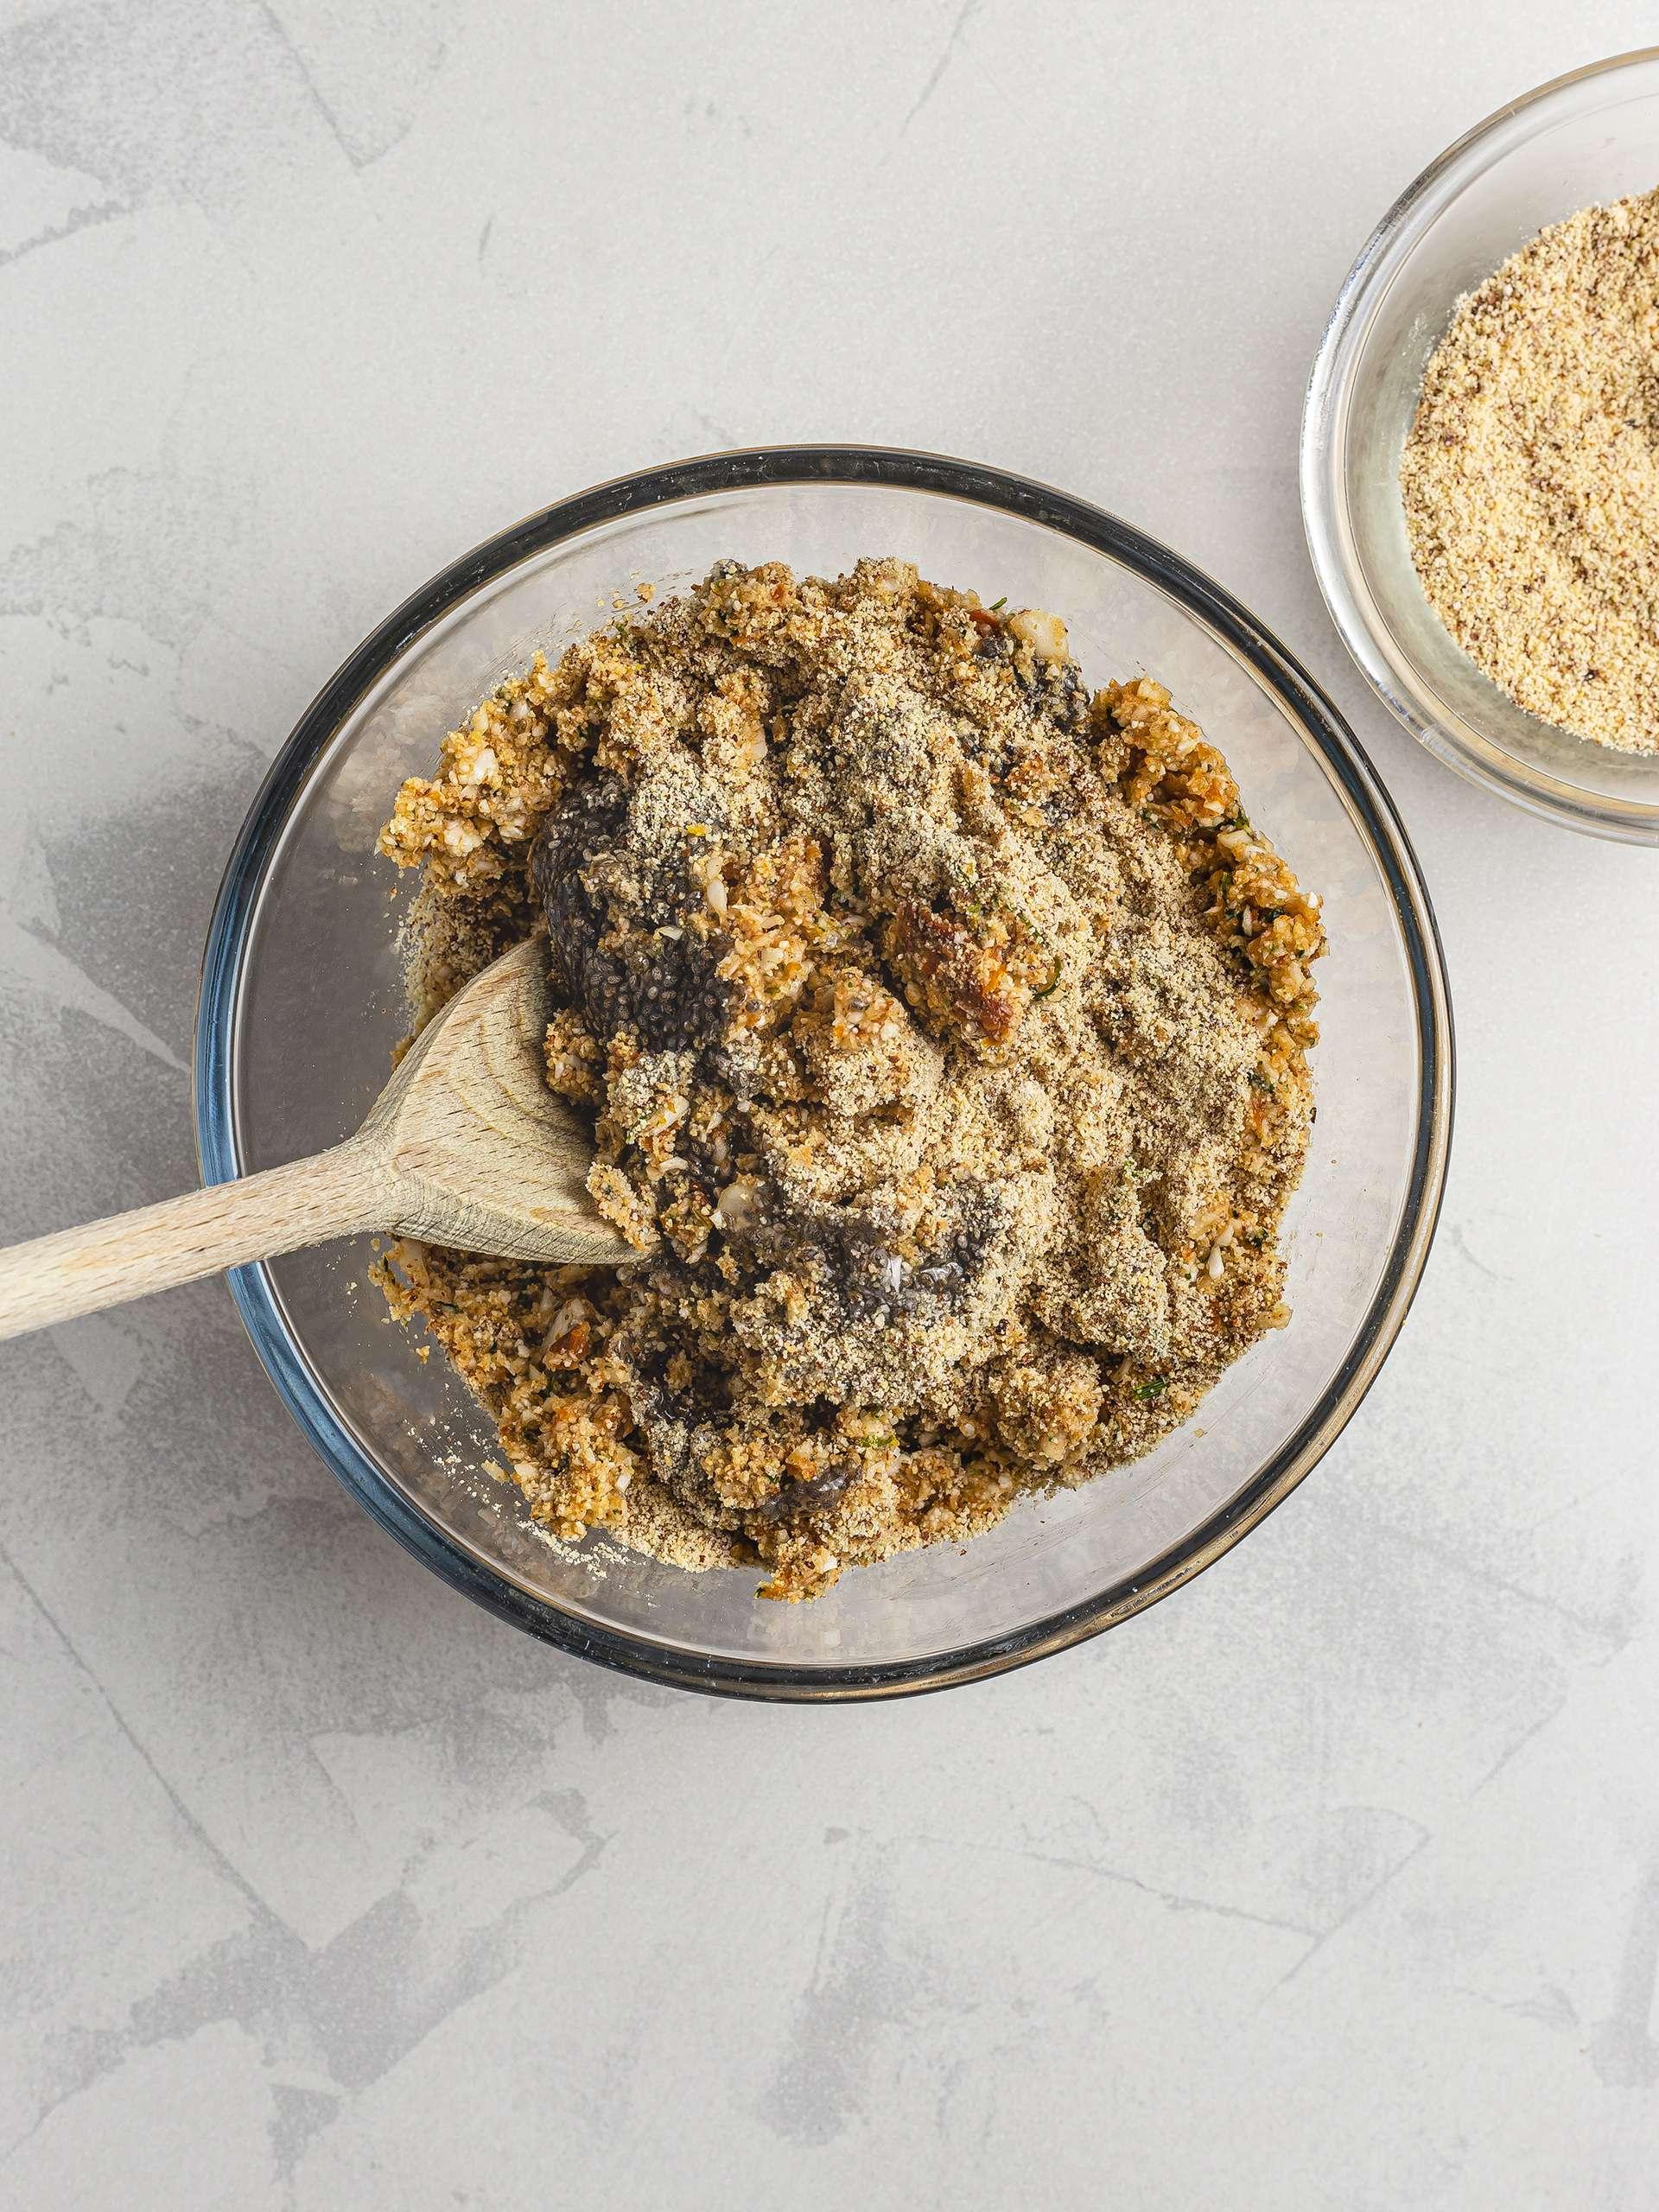 Falafel mixture with almond flour